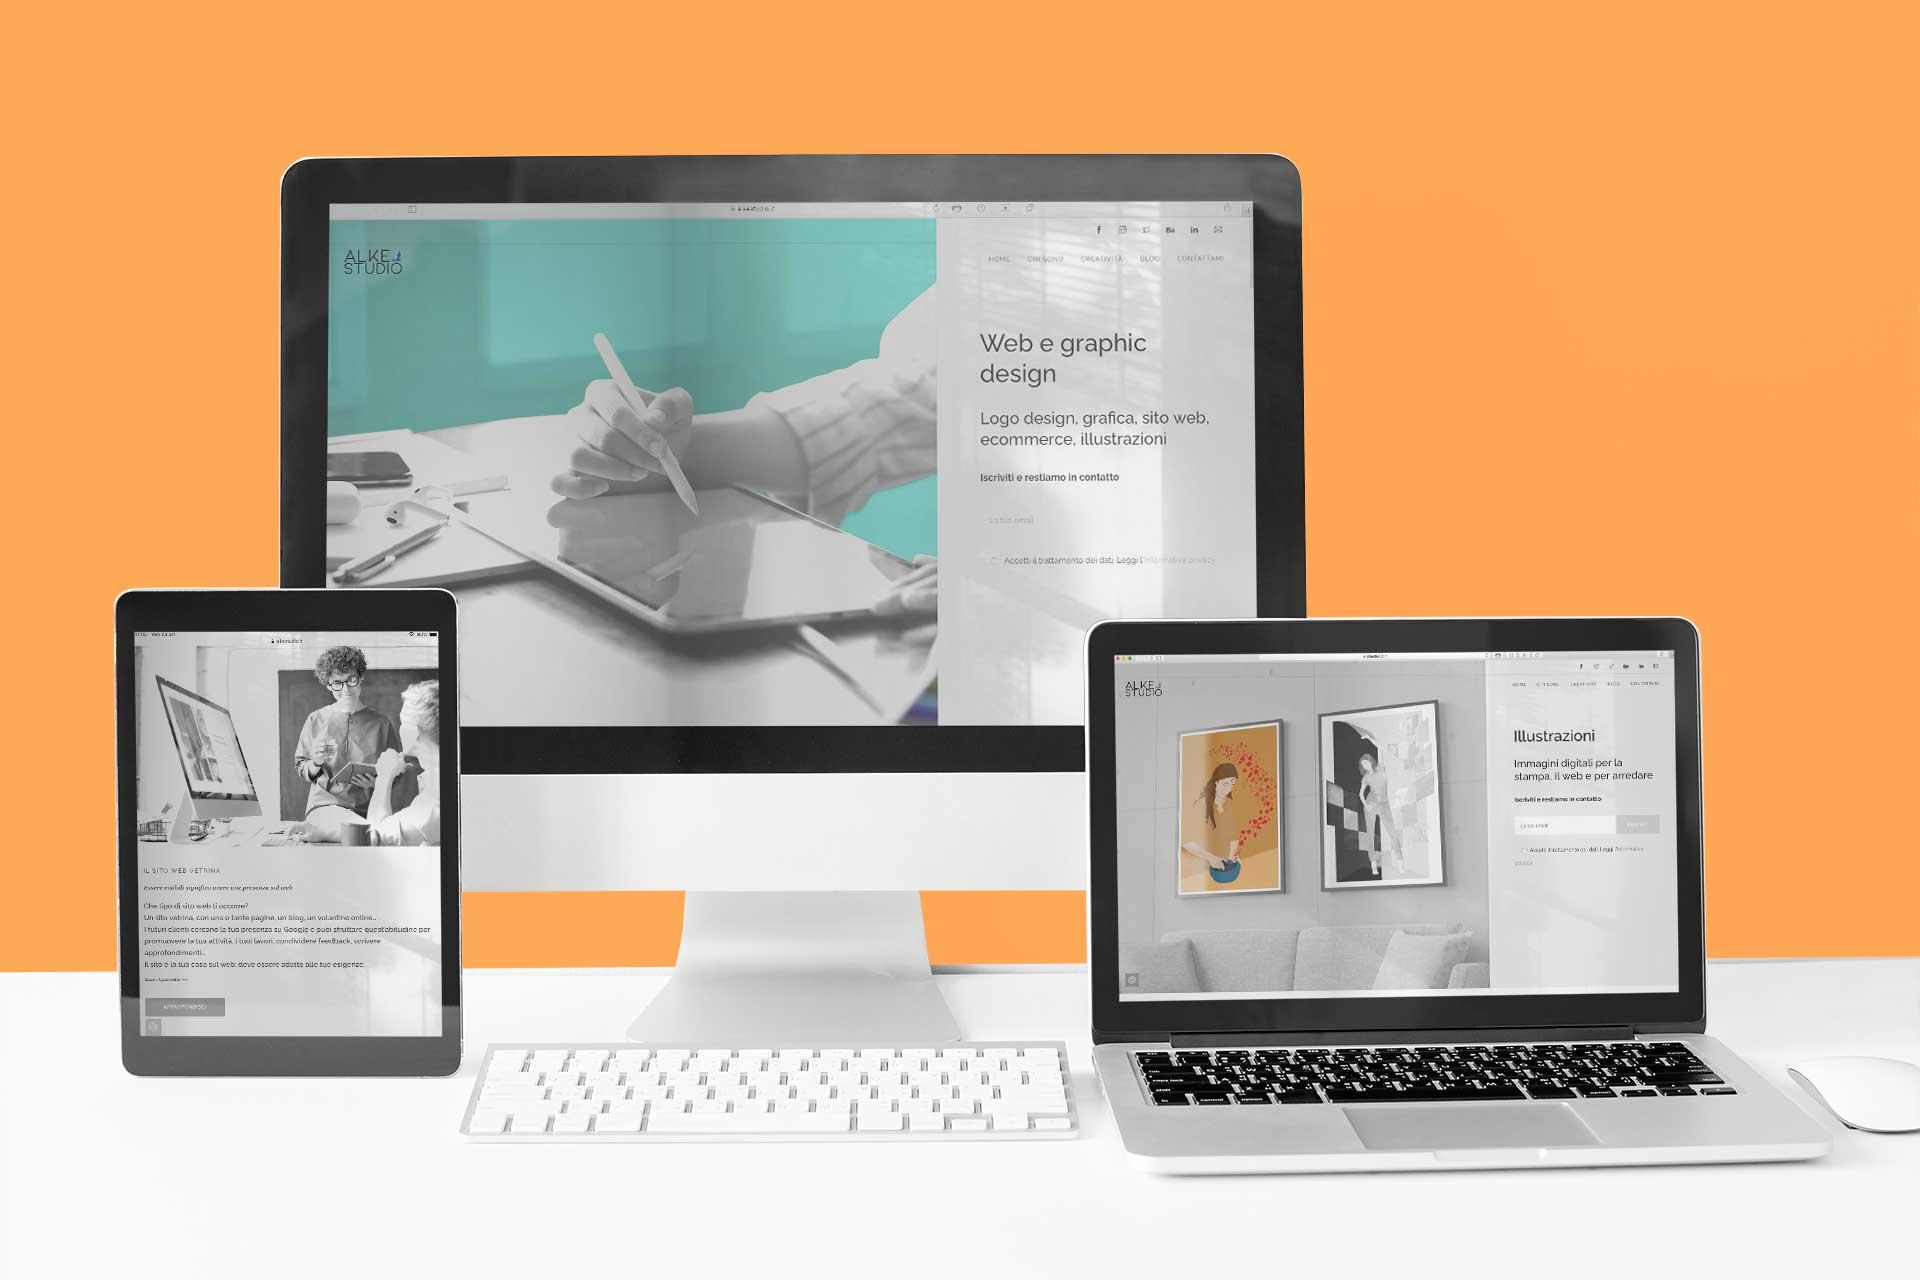 Header sezione web design del sito alkestudio.it